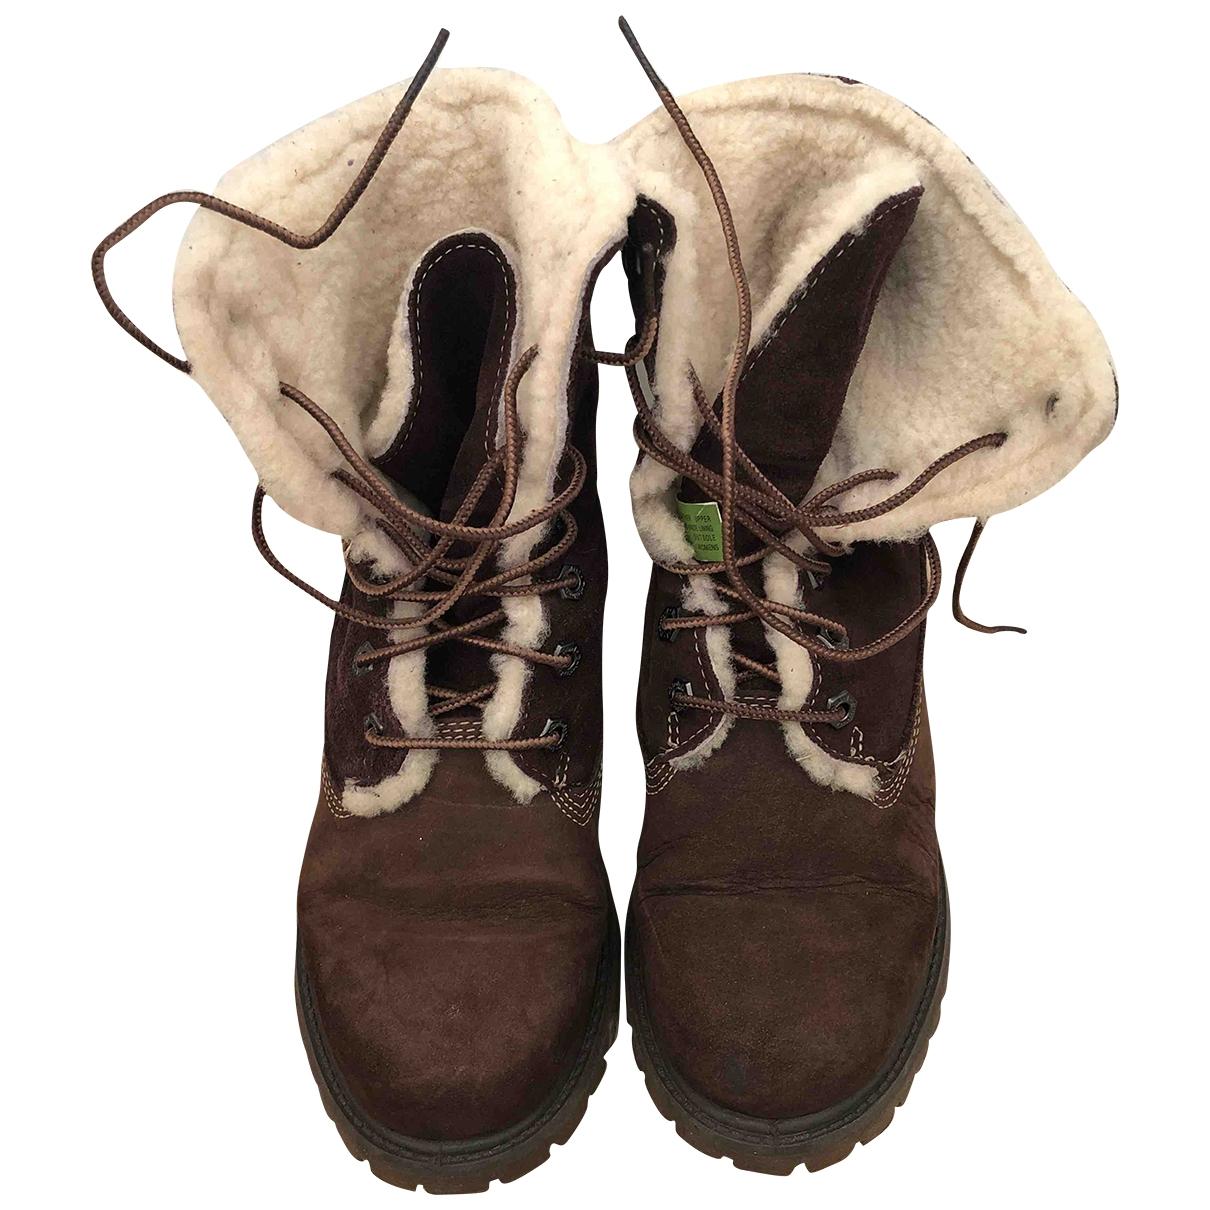 Timberland - Boots   pour femme en mouton - marron